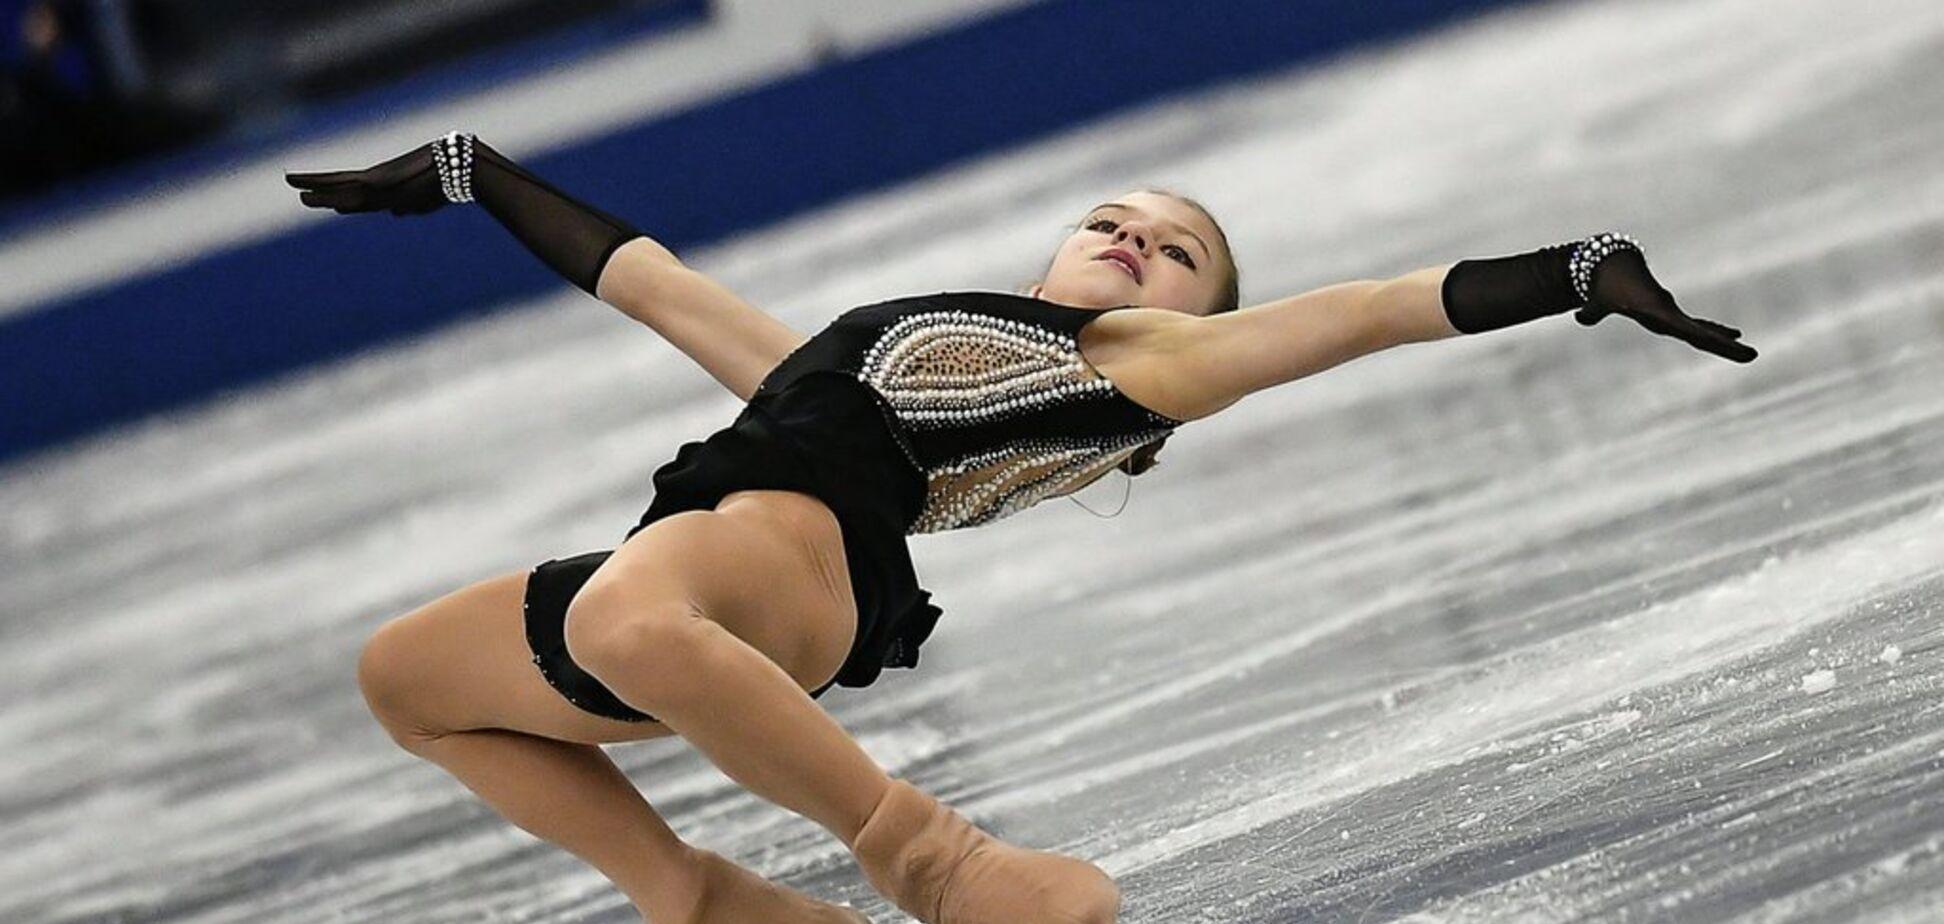 14-летняя фигуристка впервые в истории исполнила уникальный прыжок